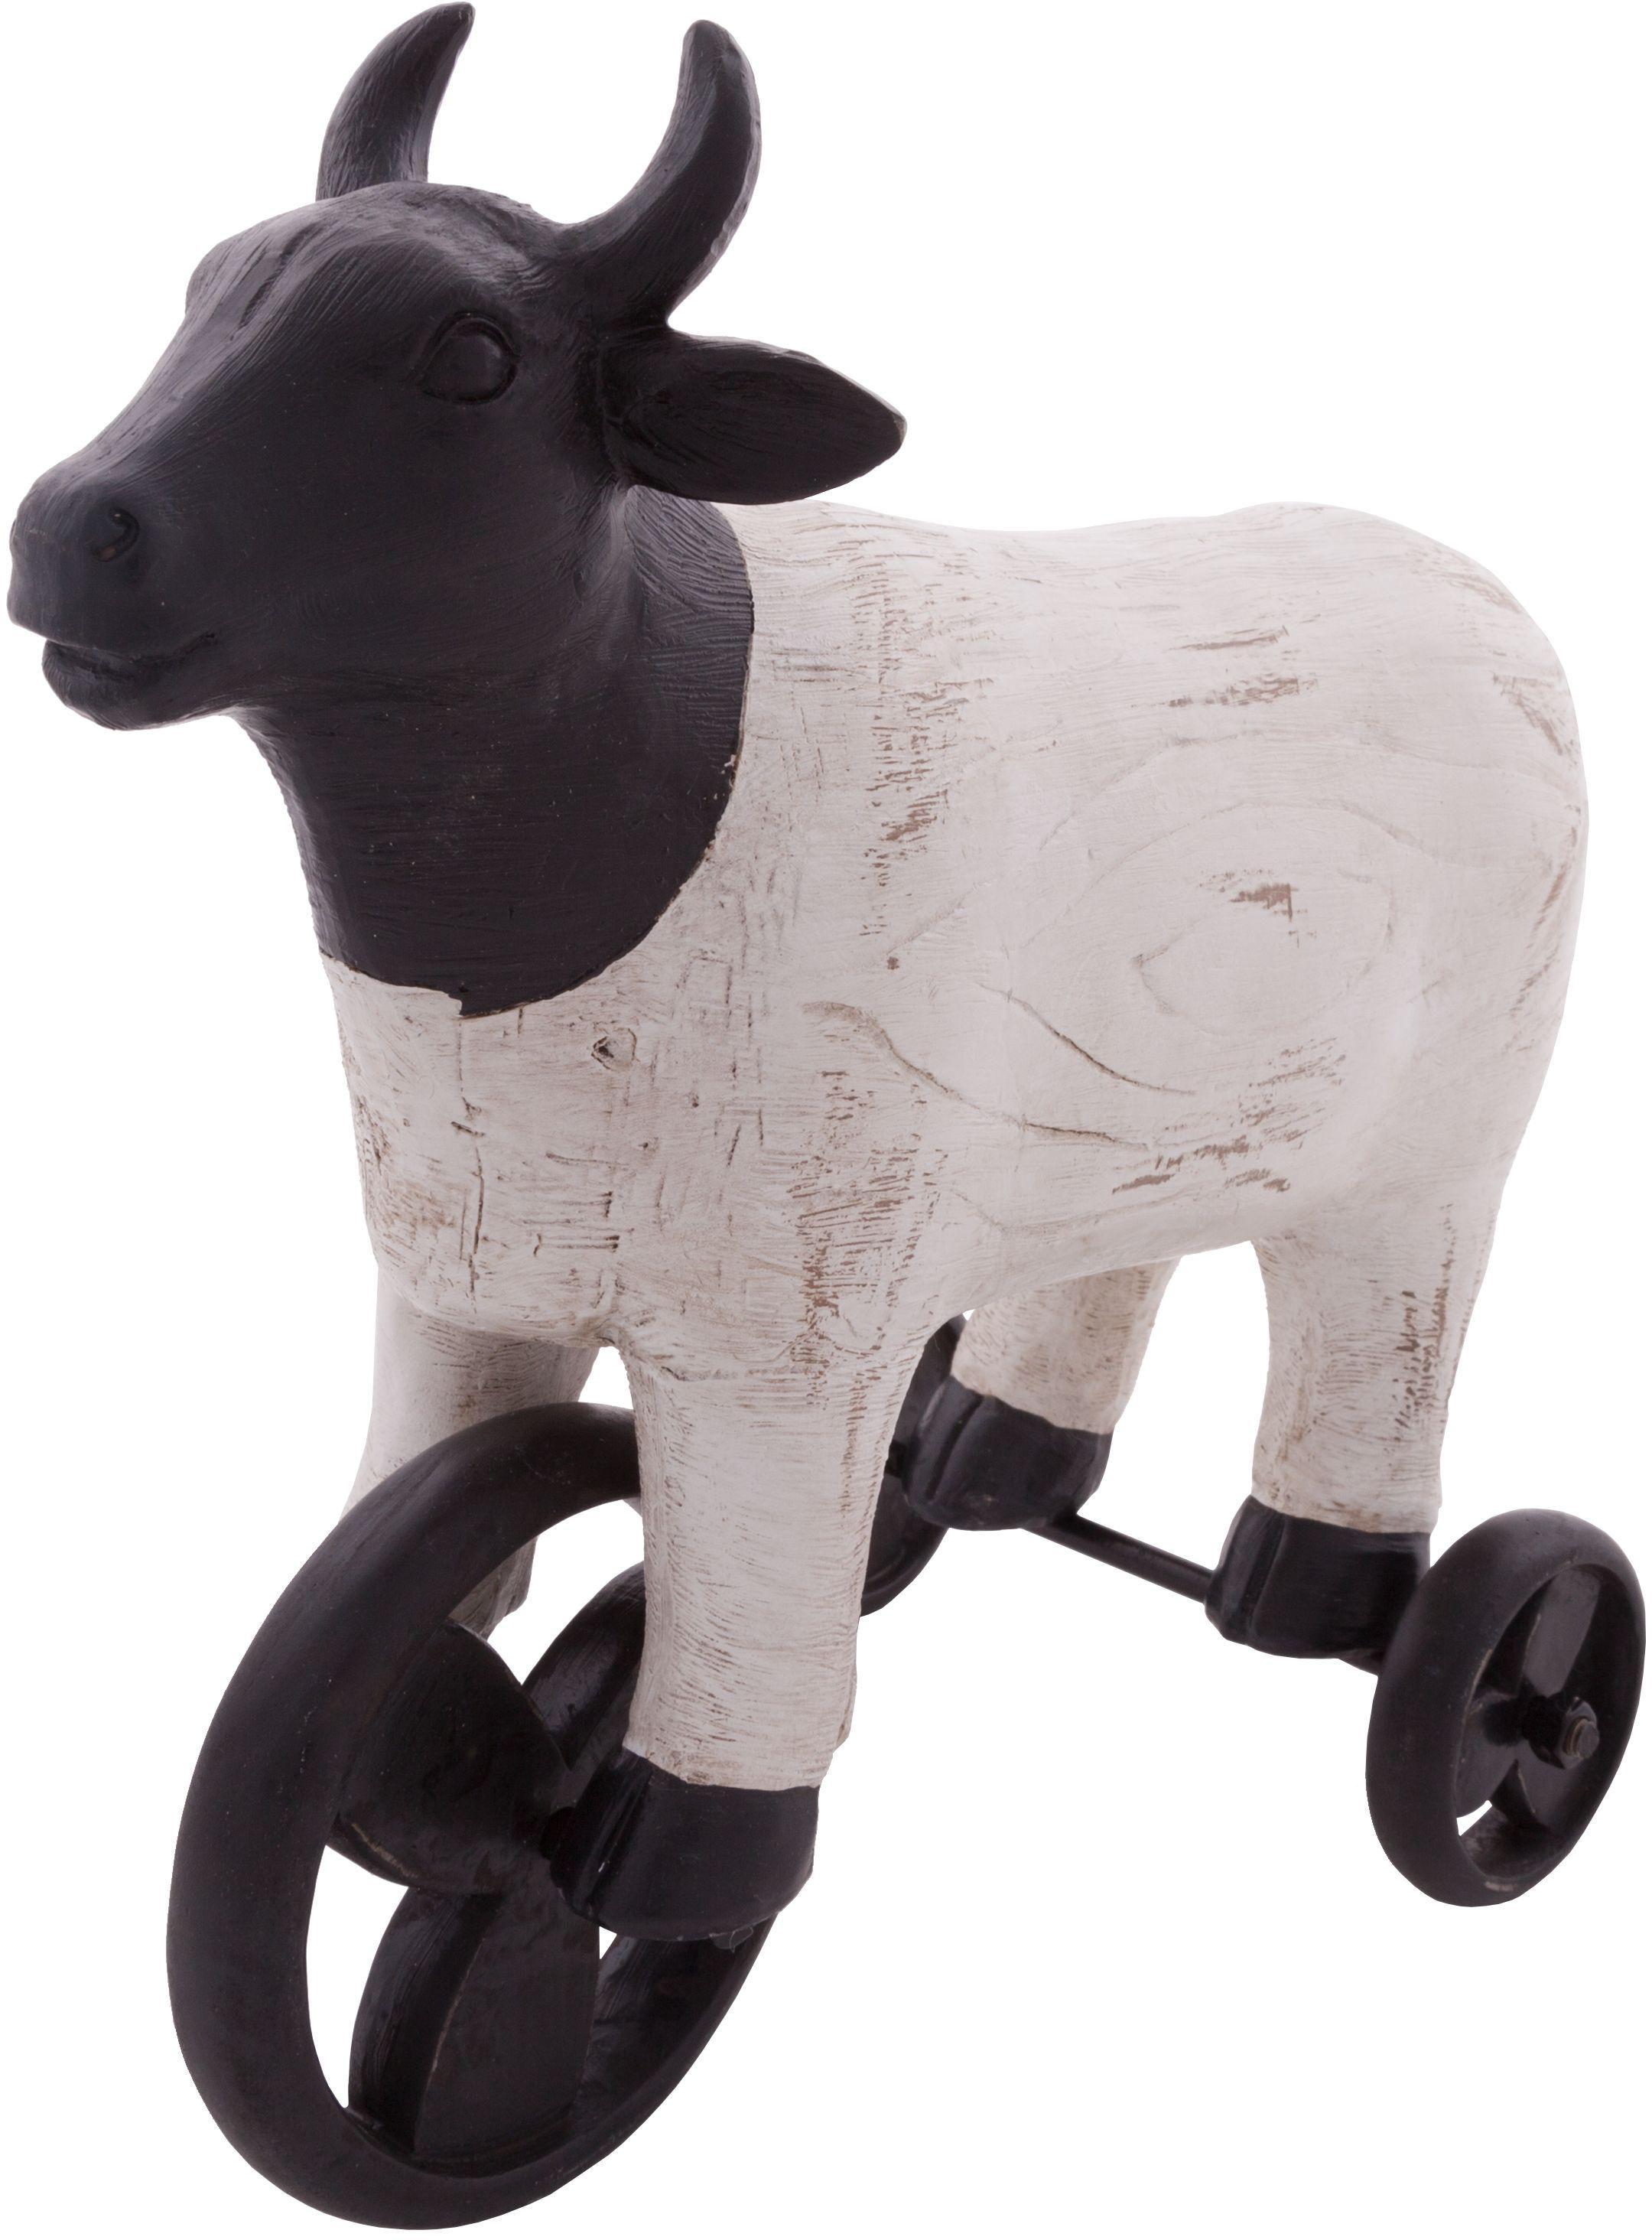 Wittkemper Figur Kuh